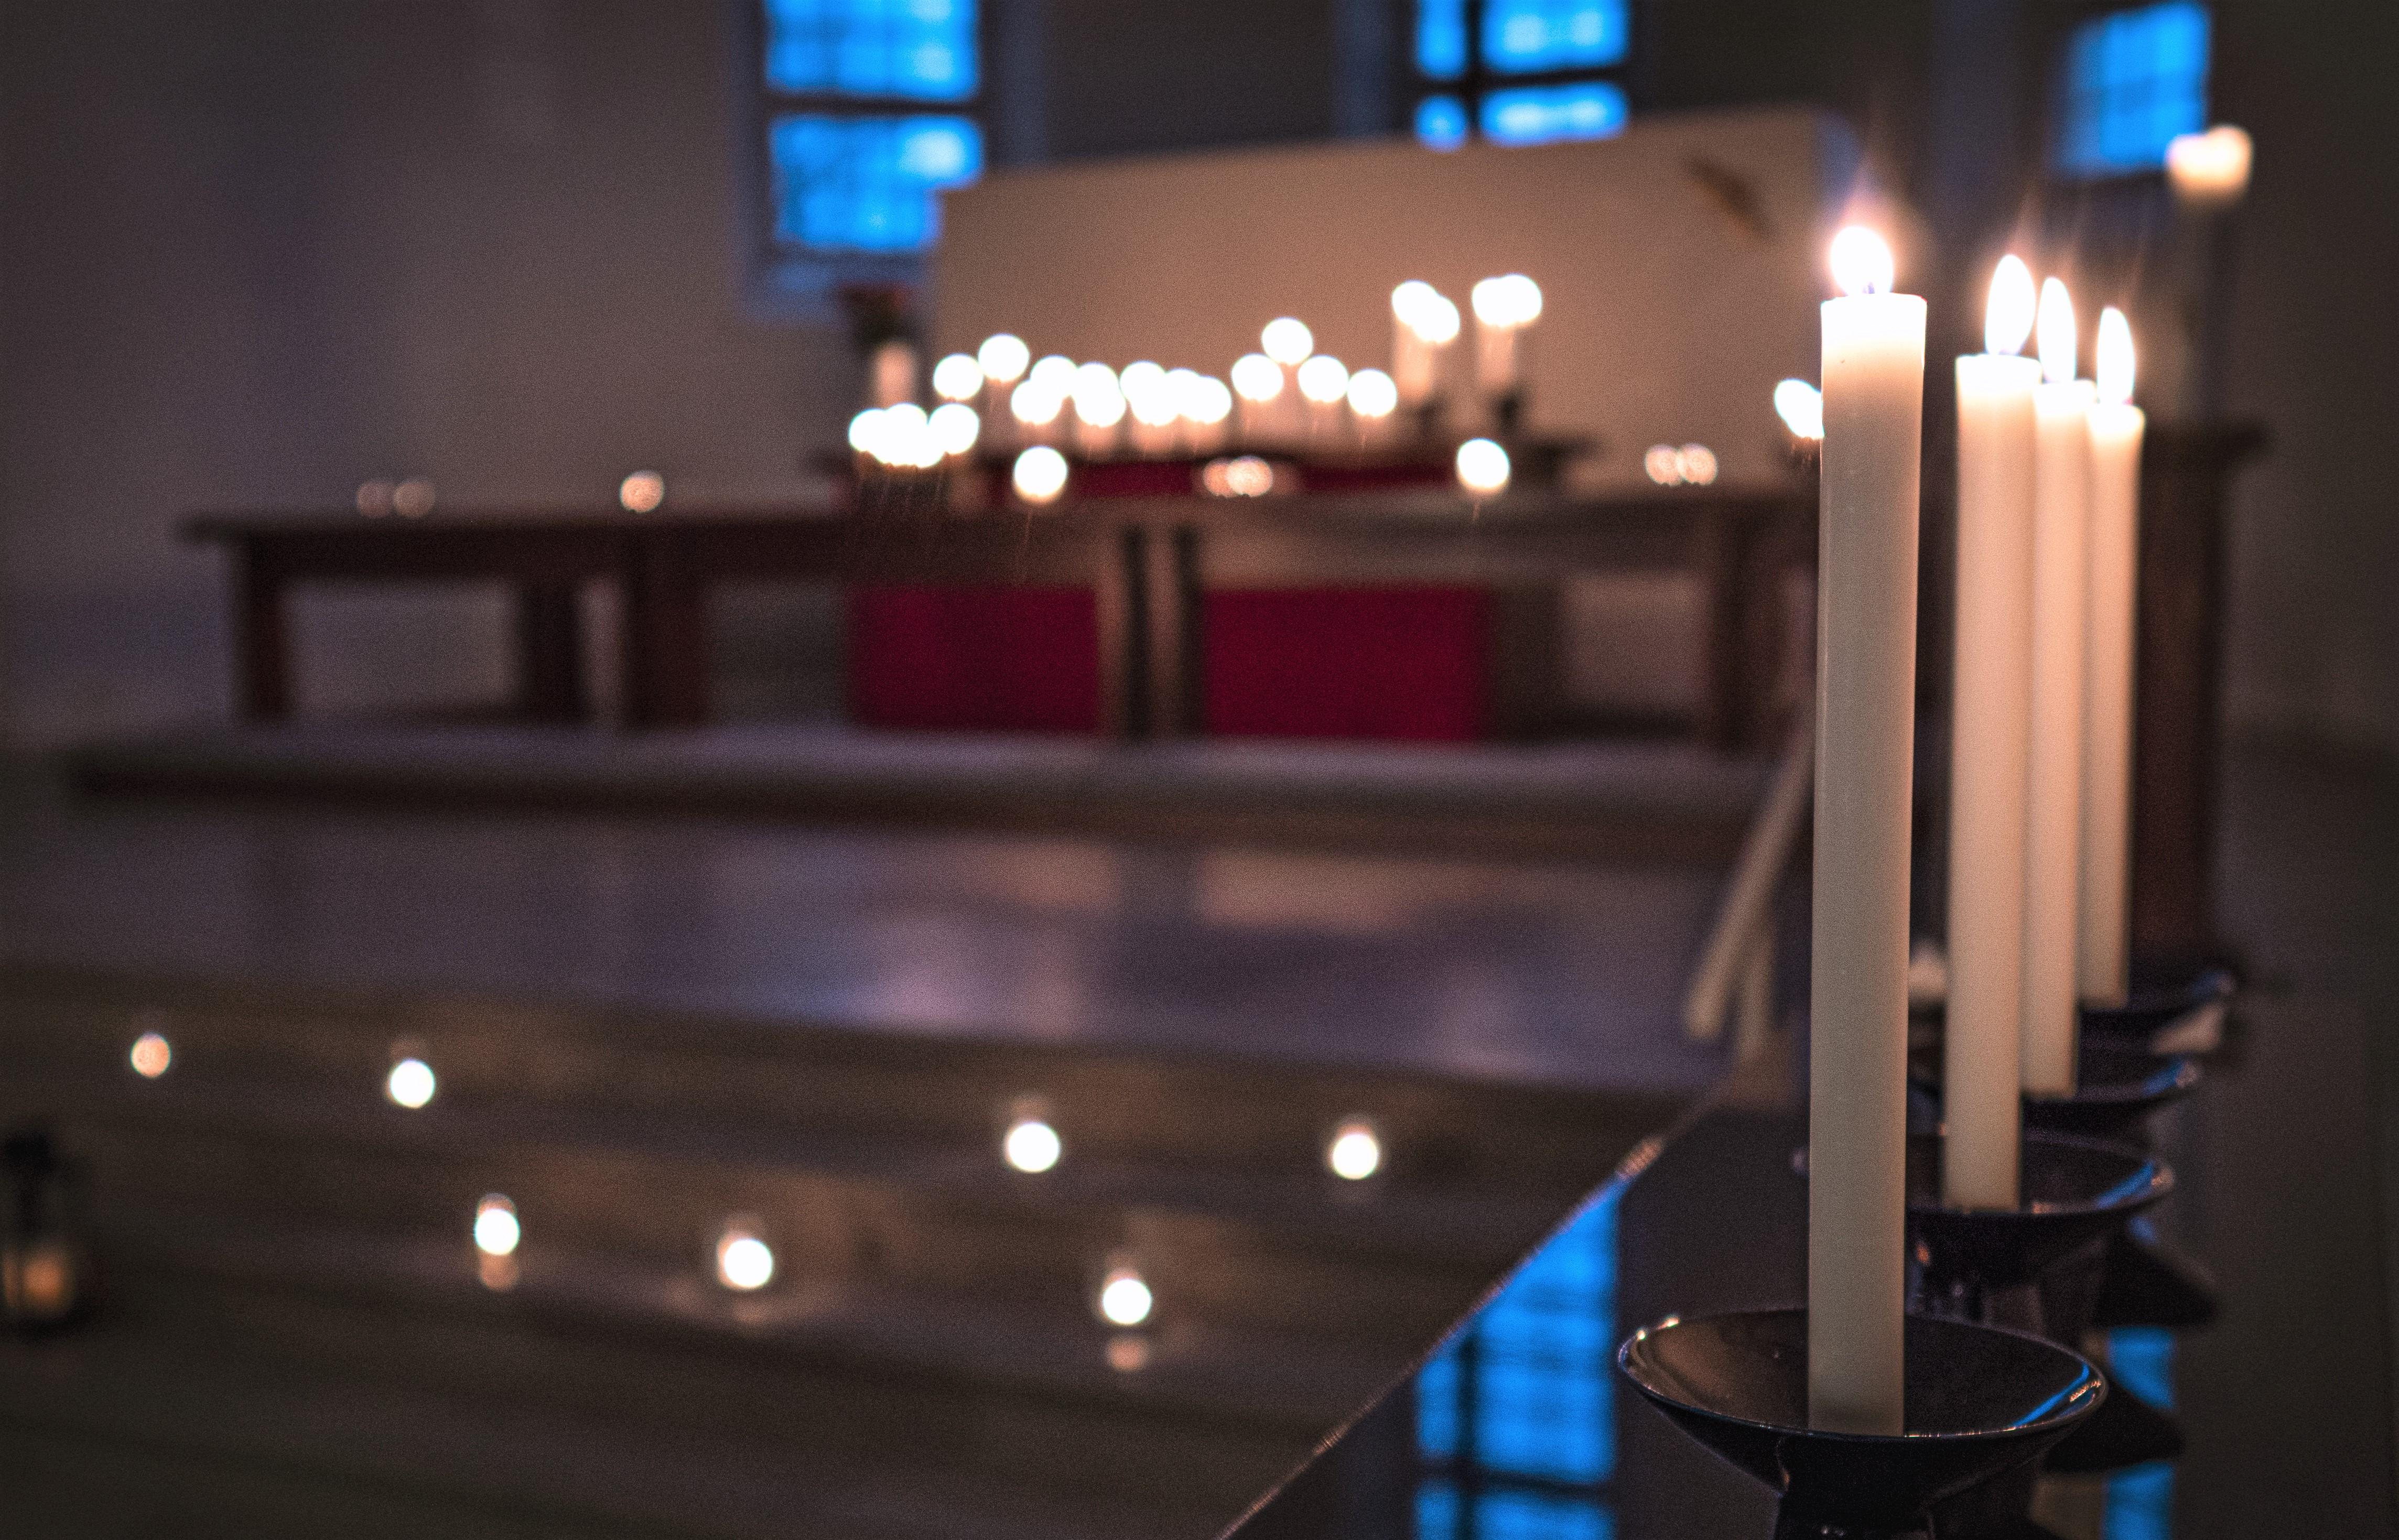 Kirkon kynttilät. Tuukka Lindholm.